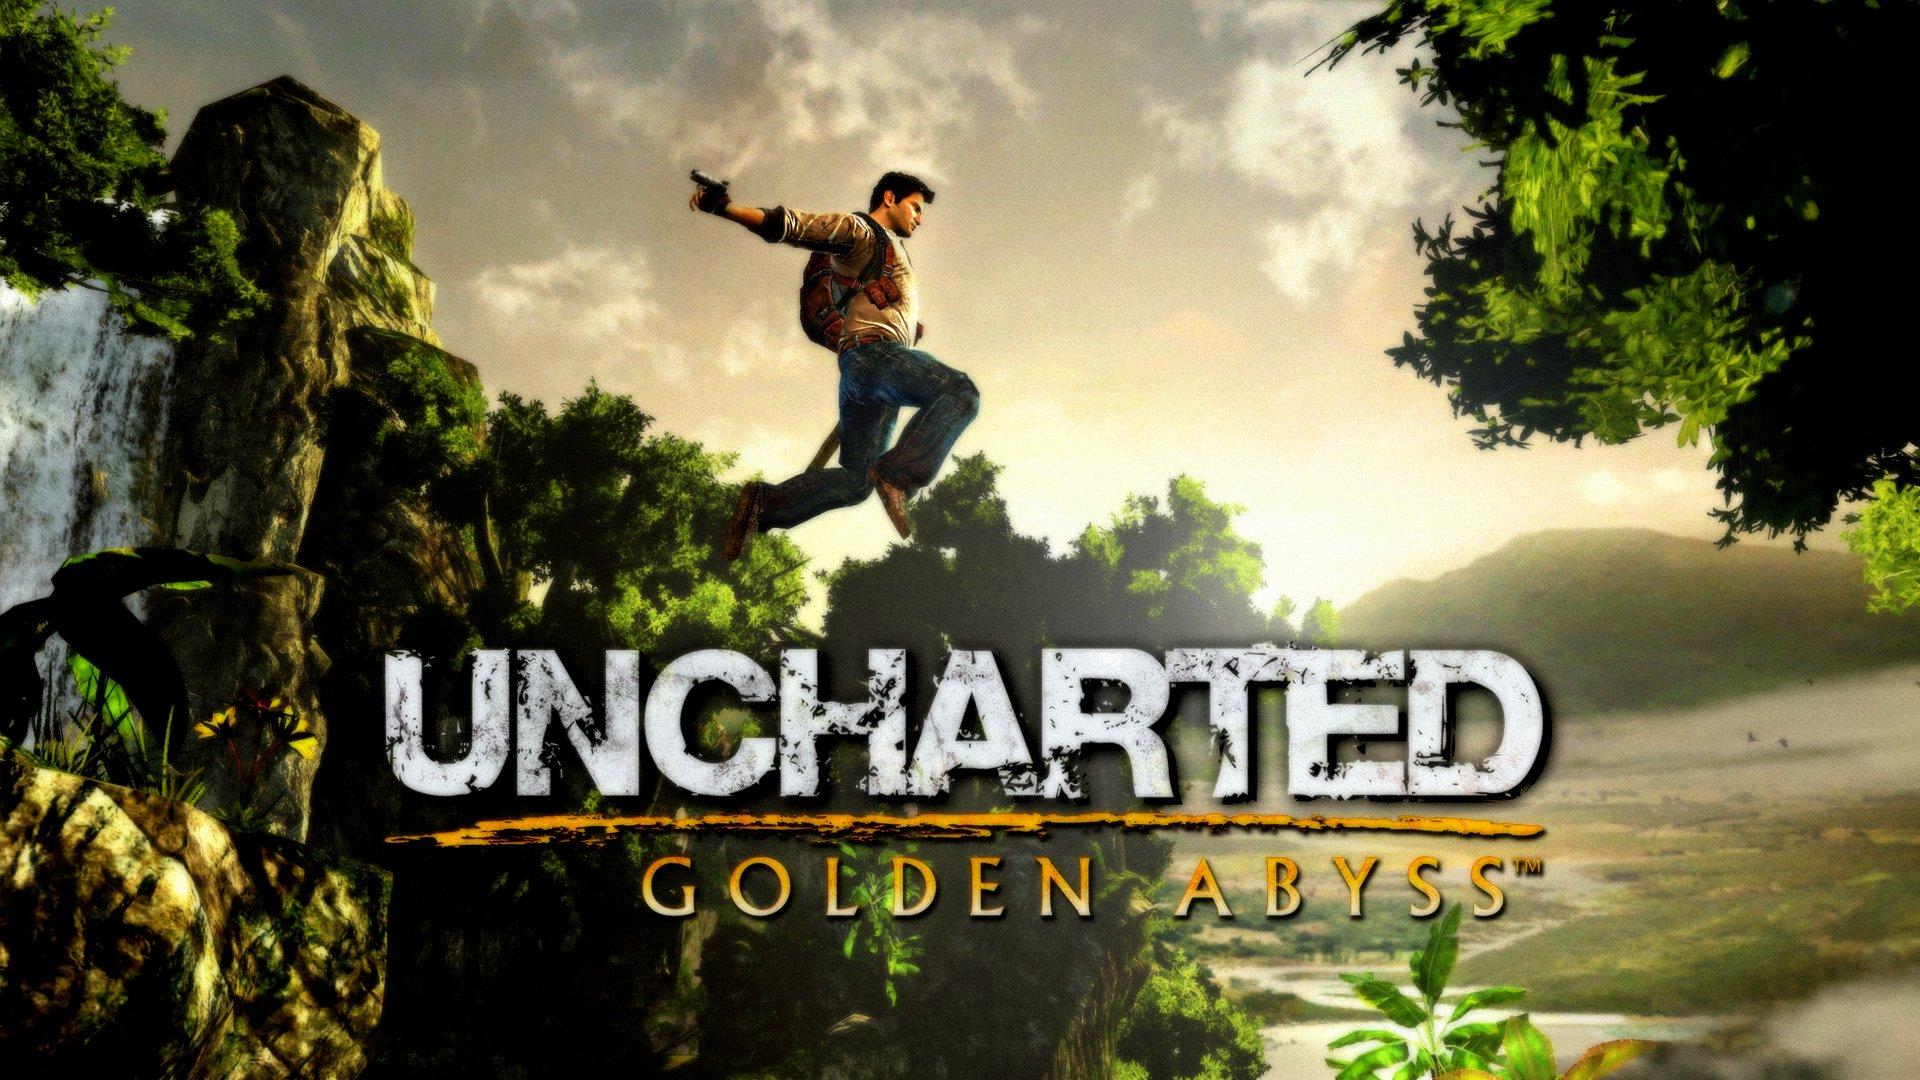 Прошел вчера Uncharted: Golden Abyss. Собственно, первый Uncharted, в который мне довелось поиграть. И ощущения не с ... - Изображение 1